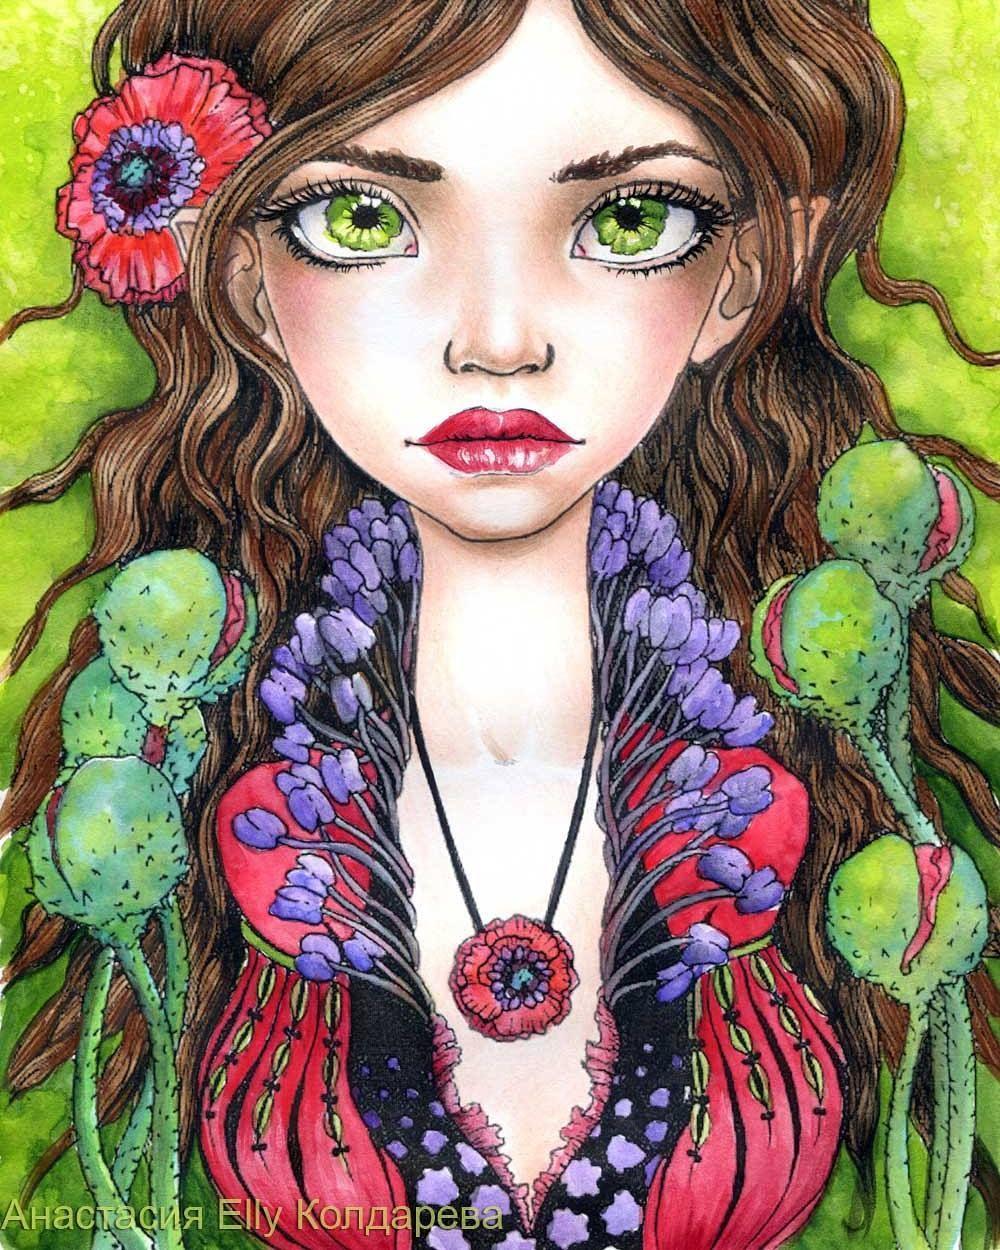 Раскраска Тани Бонд, акварель, цветные карандаши (лицо ...